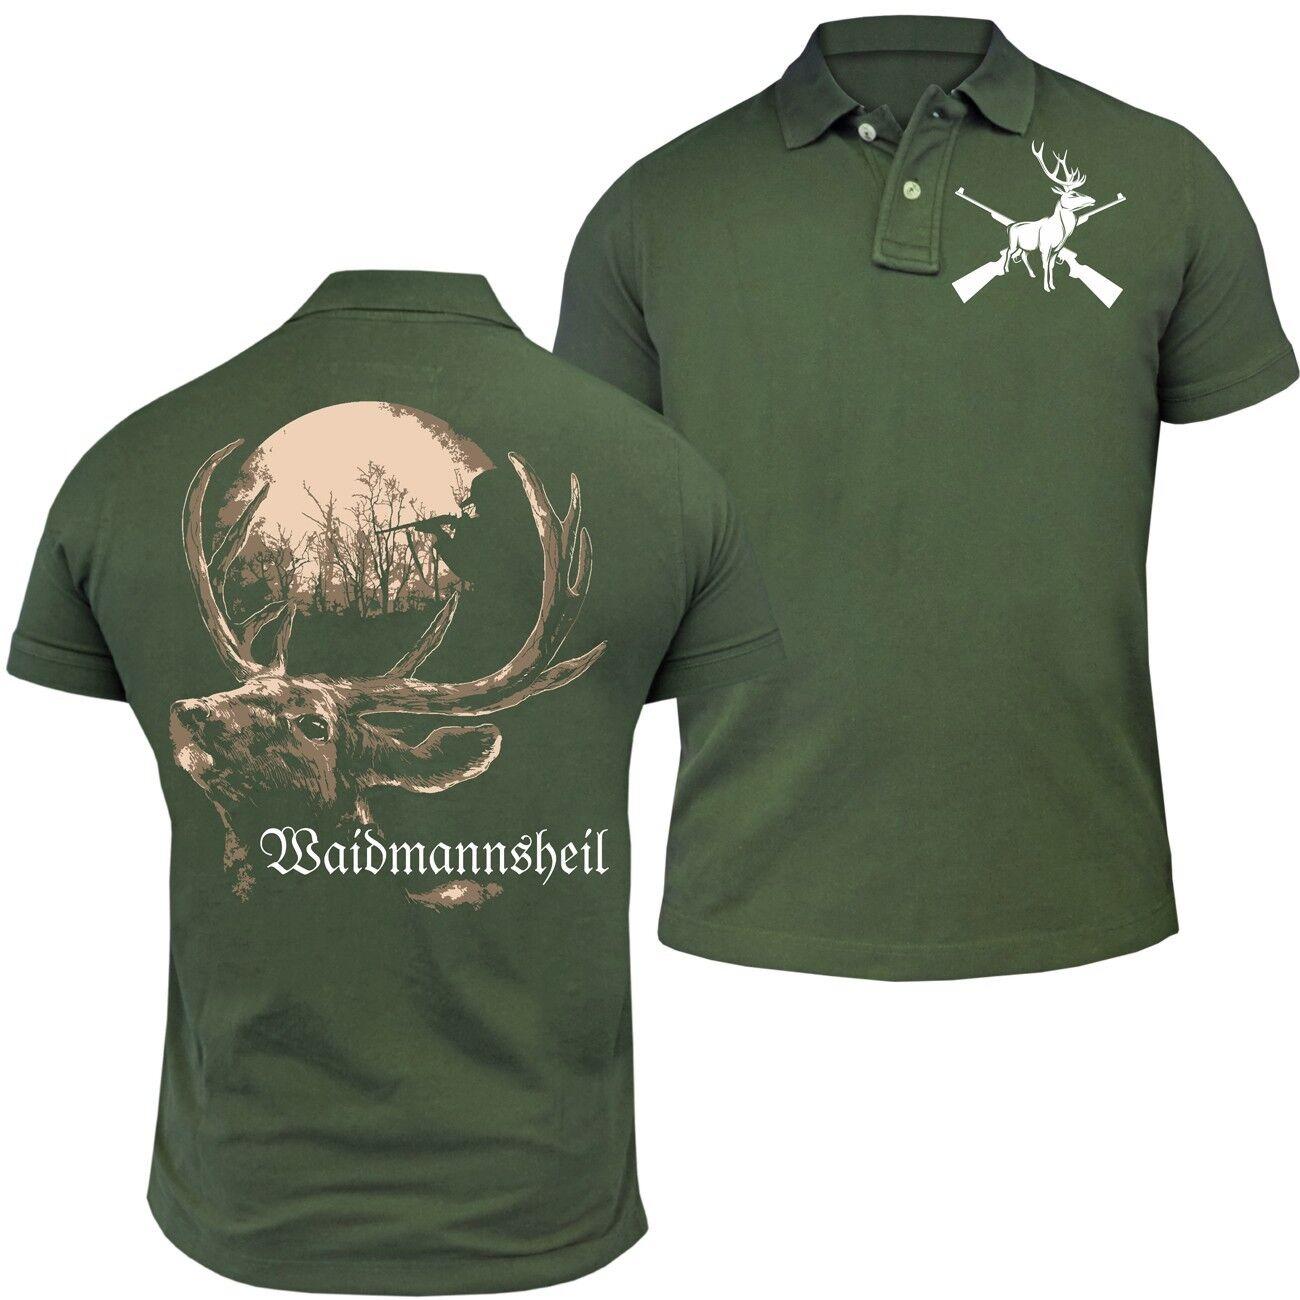 POLO Shirt Waidmannsheil Jäger Forst Förster Hirsch Halali Beruf Beruf Beruf Wild Tier Wald | Spielzeug mit kindlichen Herzen herstellen  0e42db